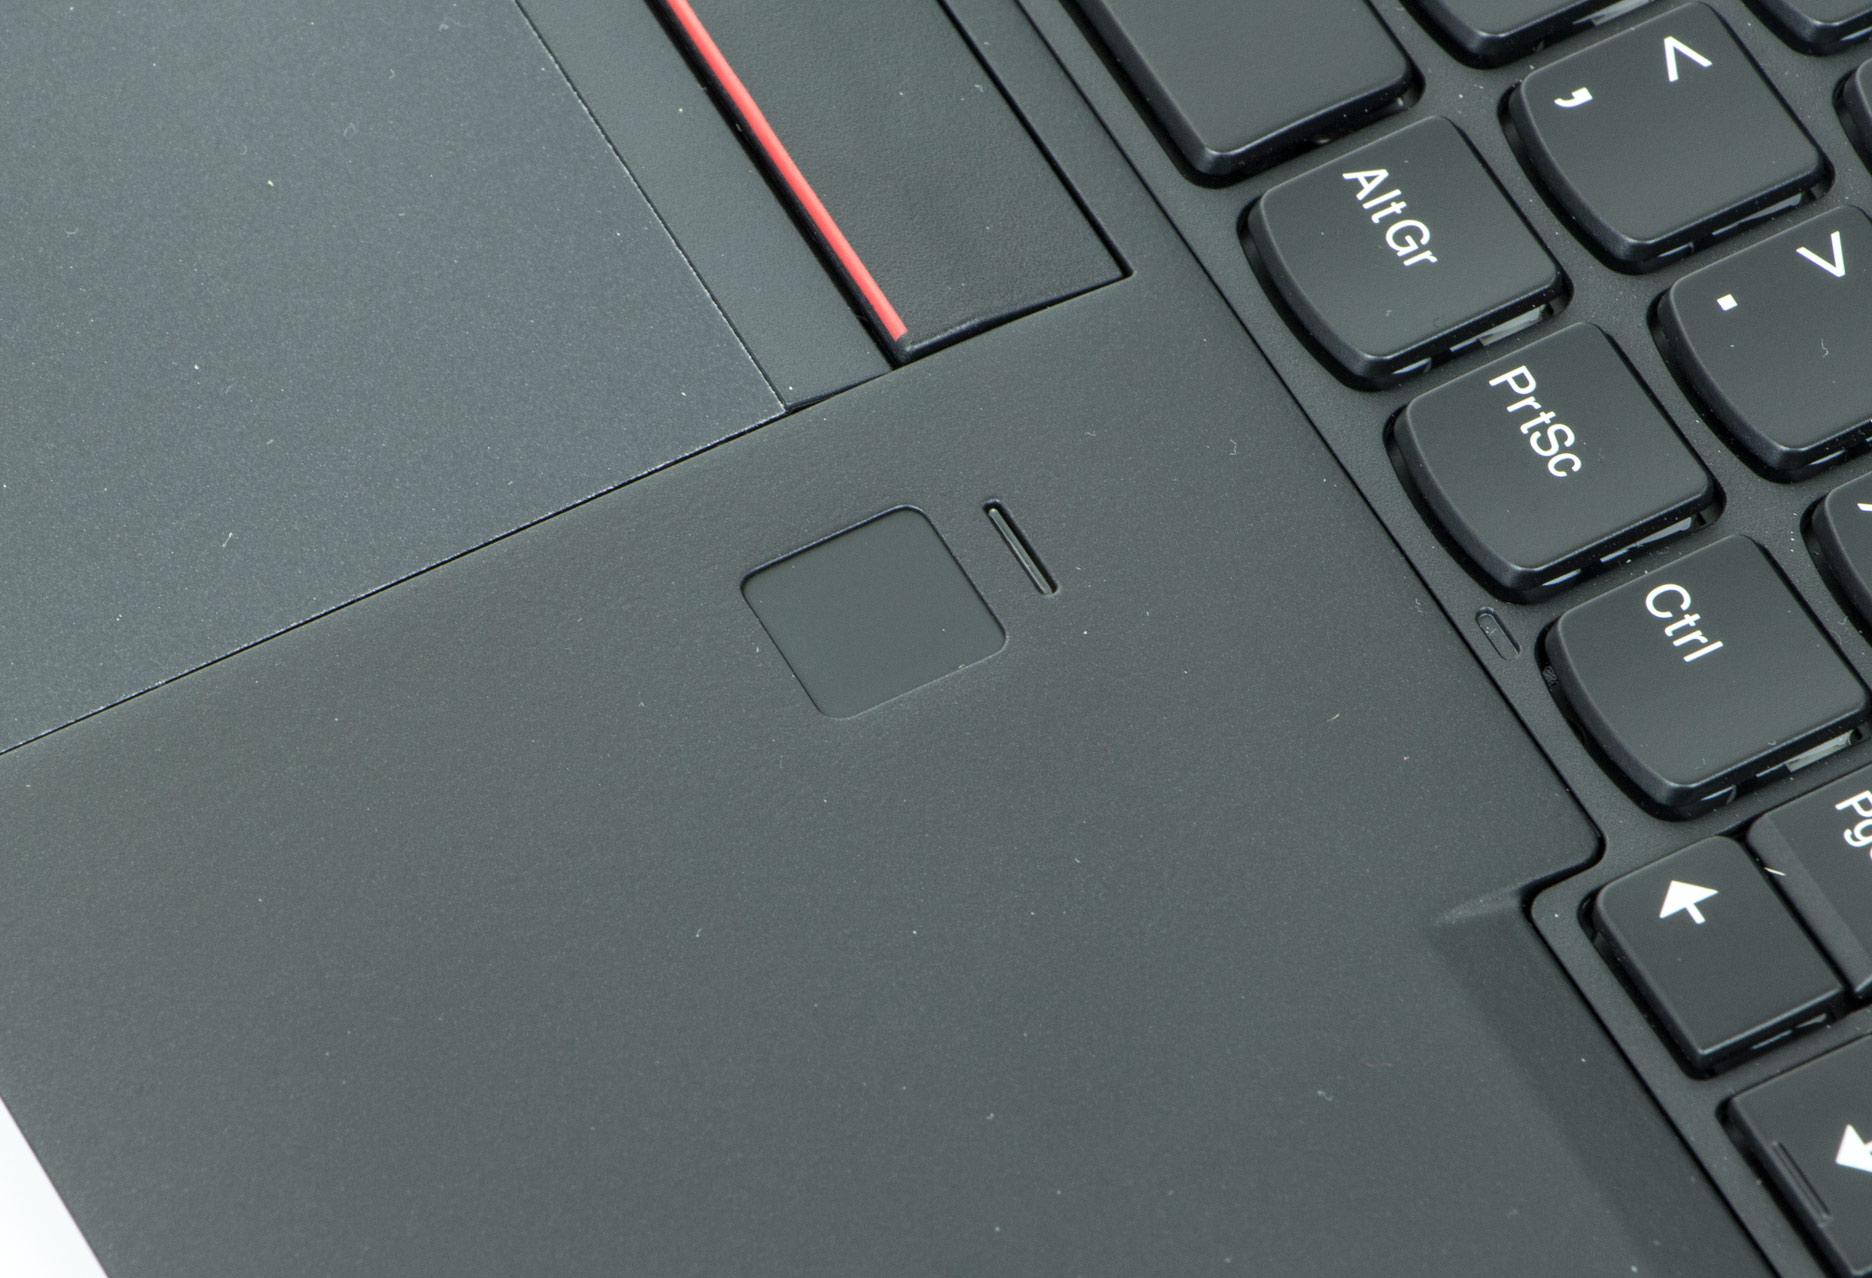 Lenovo ThinkPad T460s czytnik linii papilarnych